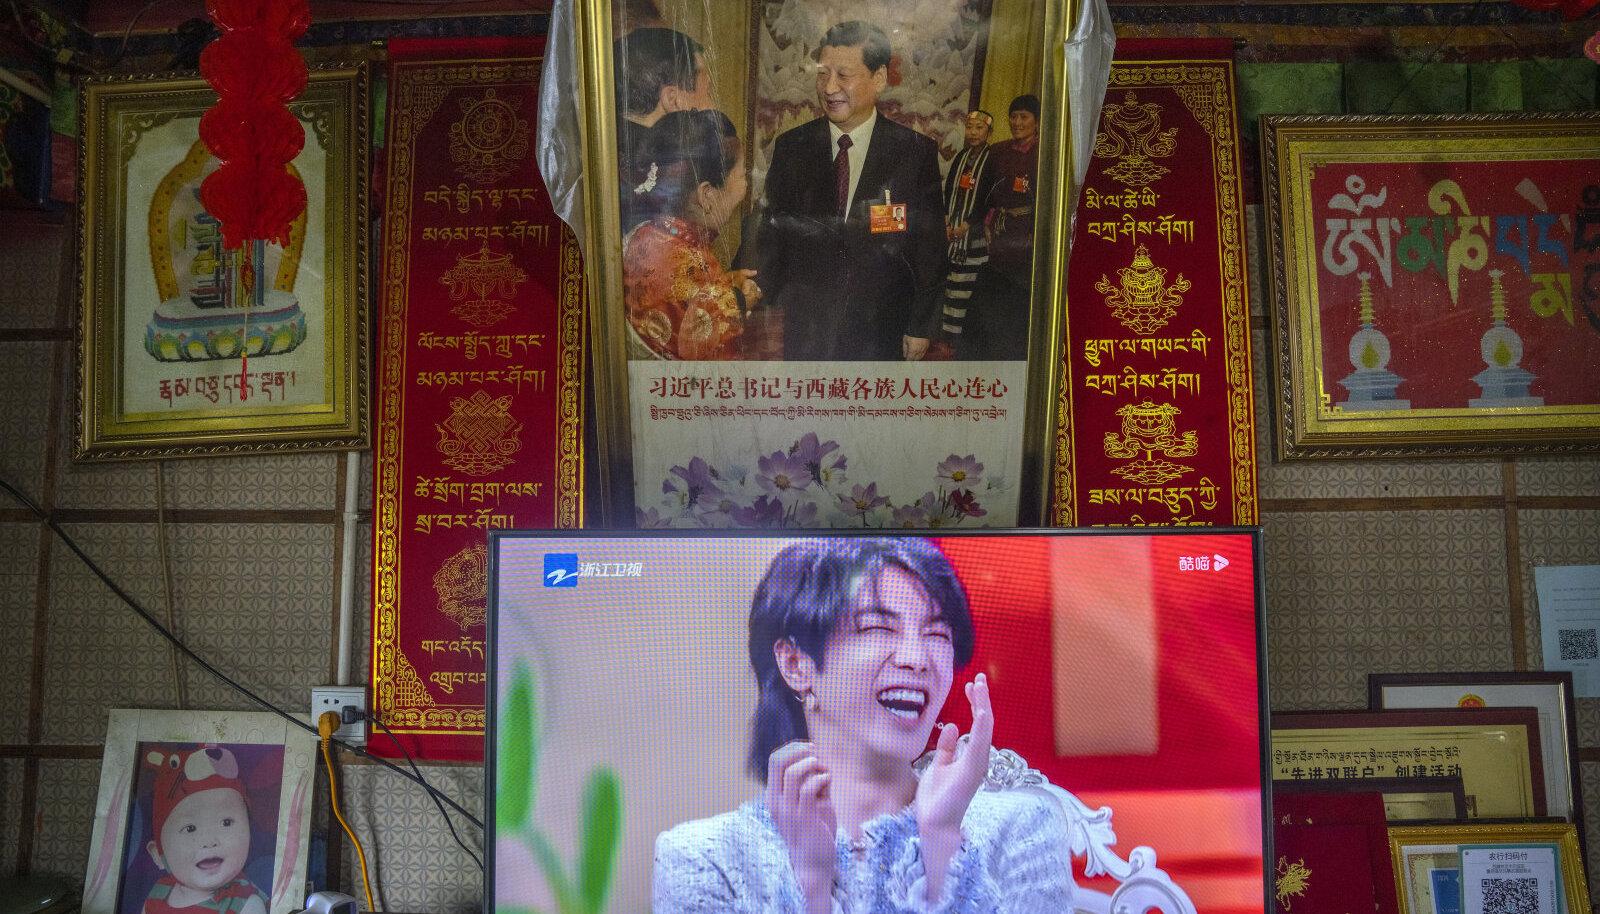 Üleval: mehine president Xi Jinping, all: kahtlane Hiina kuulsus, keda enam teleris näidata ei tohi